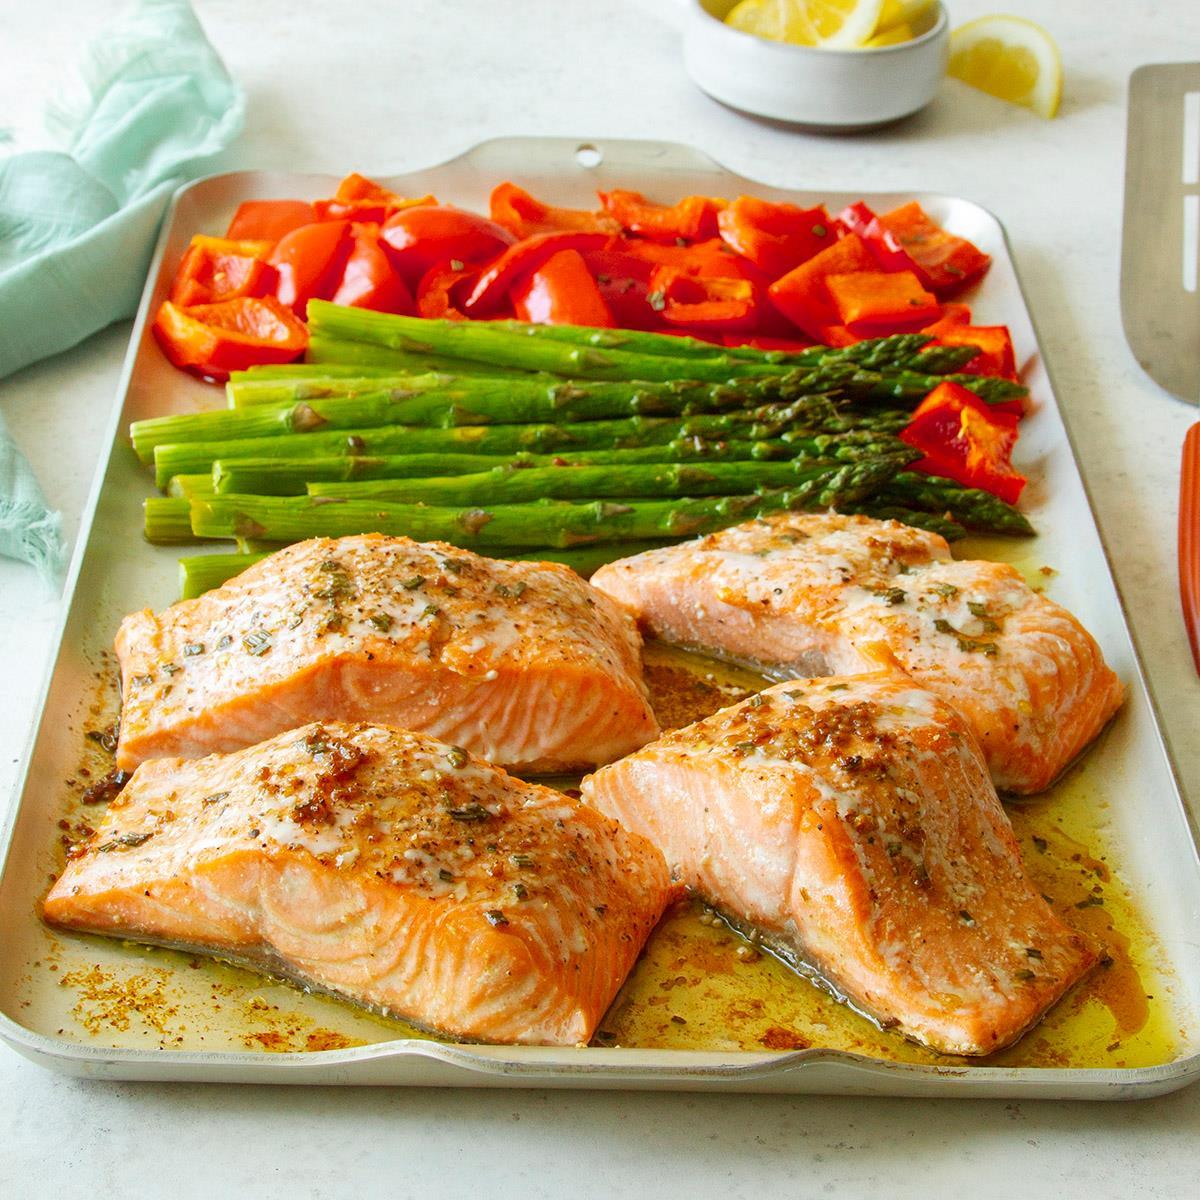 Rosemary Salmon and Veggies image